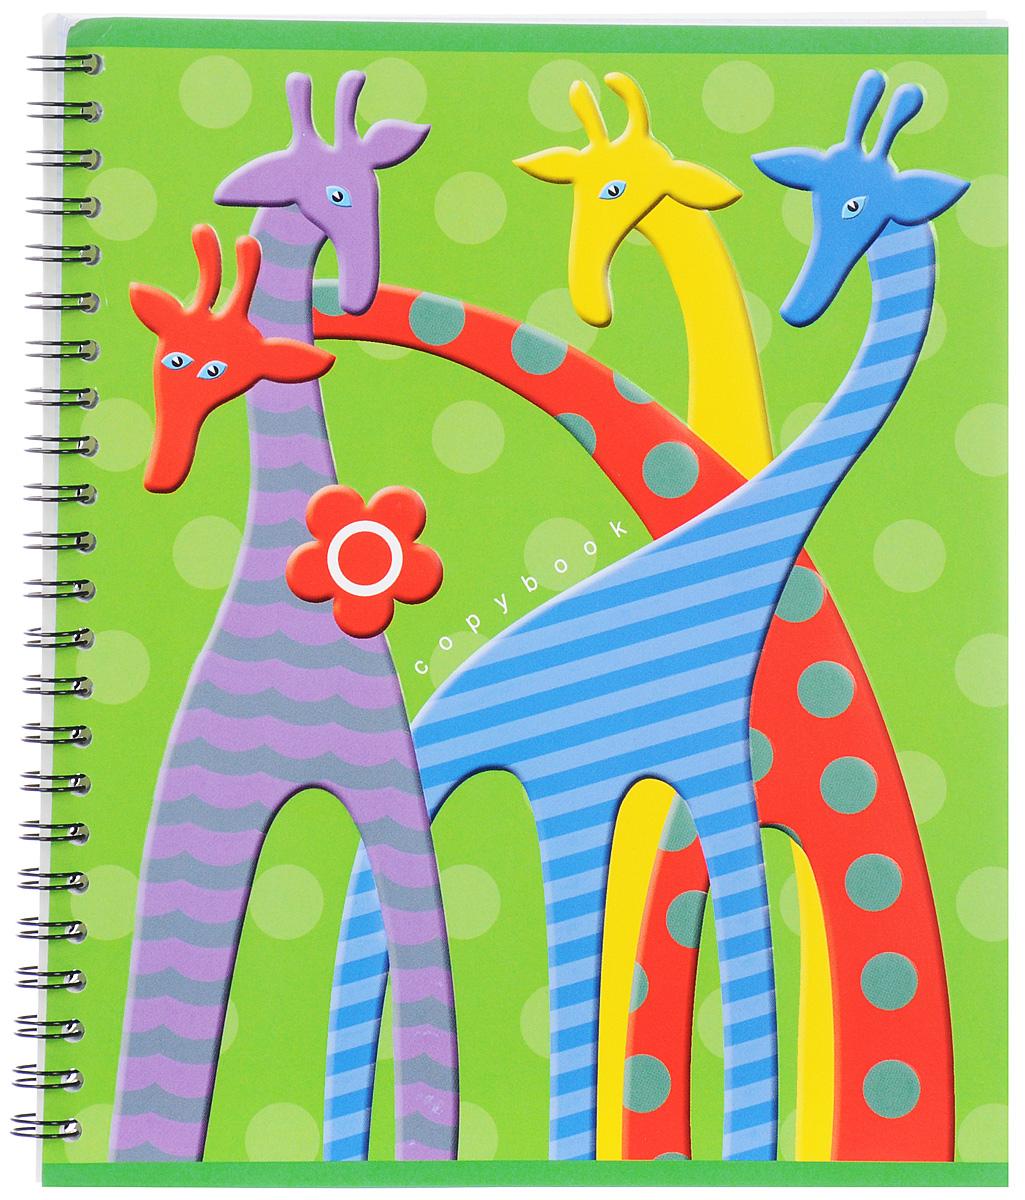 Полиграфика Тетрадь Жирафы 60 листов в клетку цвет салатовый72523WDТетрадь Полиграфика Жирафы подойдет как школьнику, так и студенту.Обложка тетради выполнена из картона и оформлена яркими изображениями жирафов. Внутренний блок состоит из 60 листов белой бумаги. Стандартная линовка в голубую клетку без полей. Листы тетради соединены металлическим гребнем.